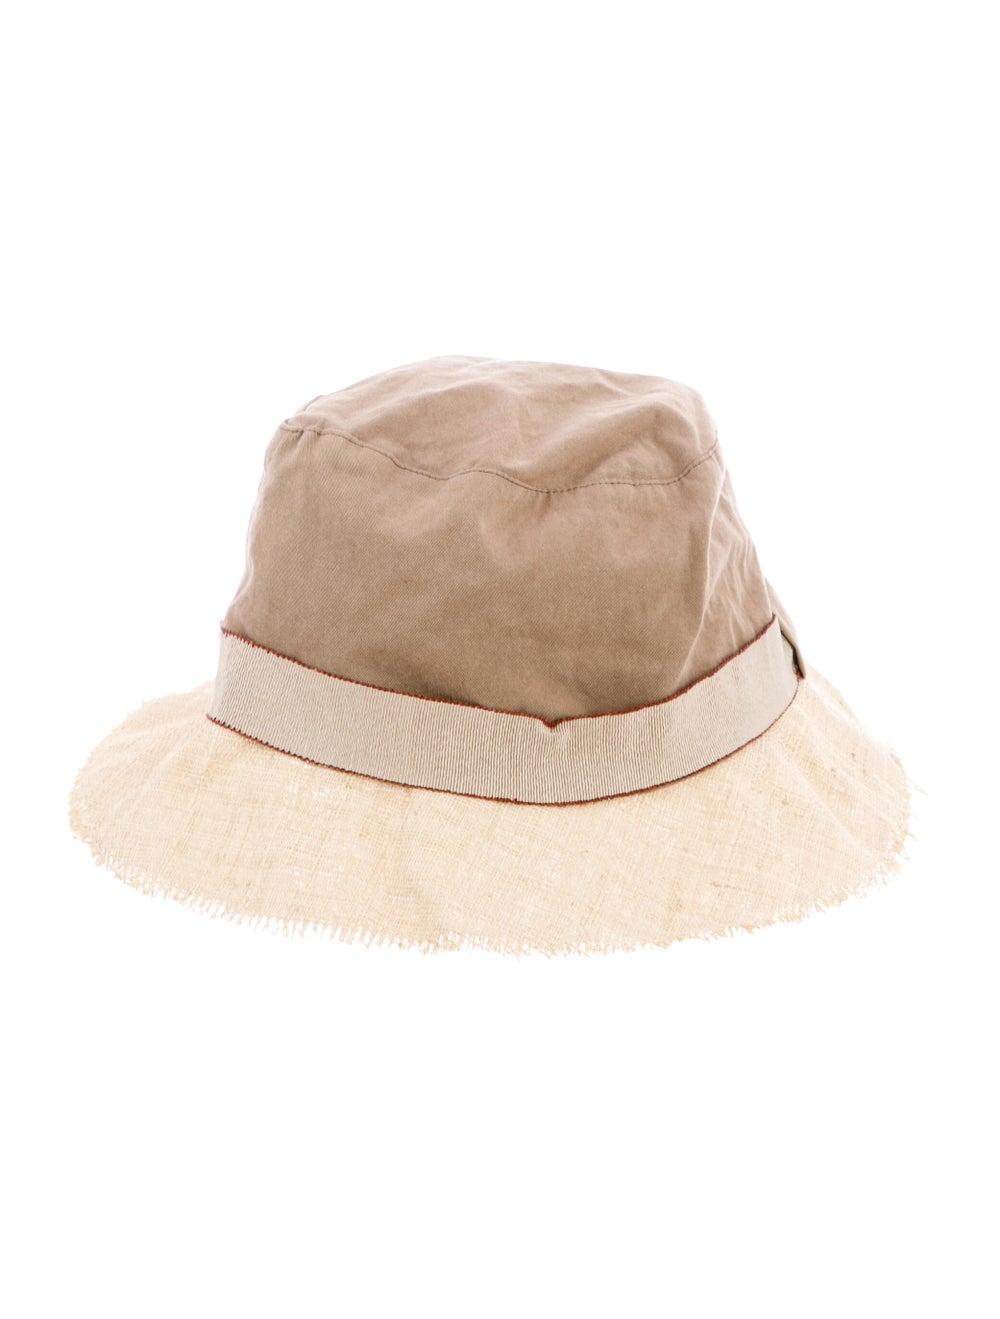 Brunello Cucinelli Two-Tone Wide Brim Hat Tan - image 1